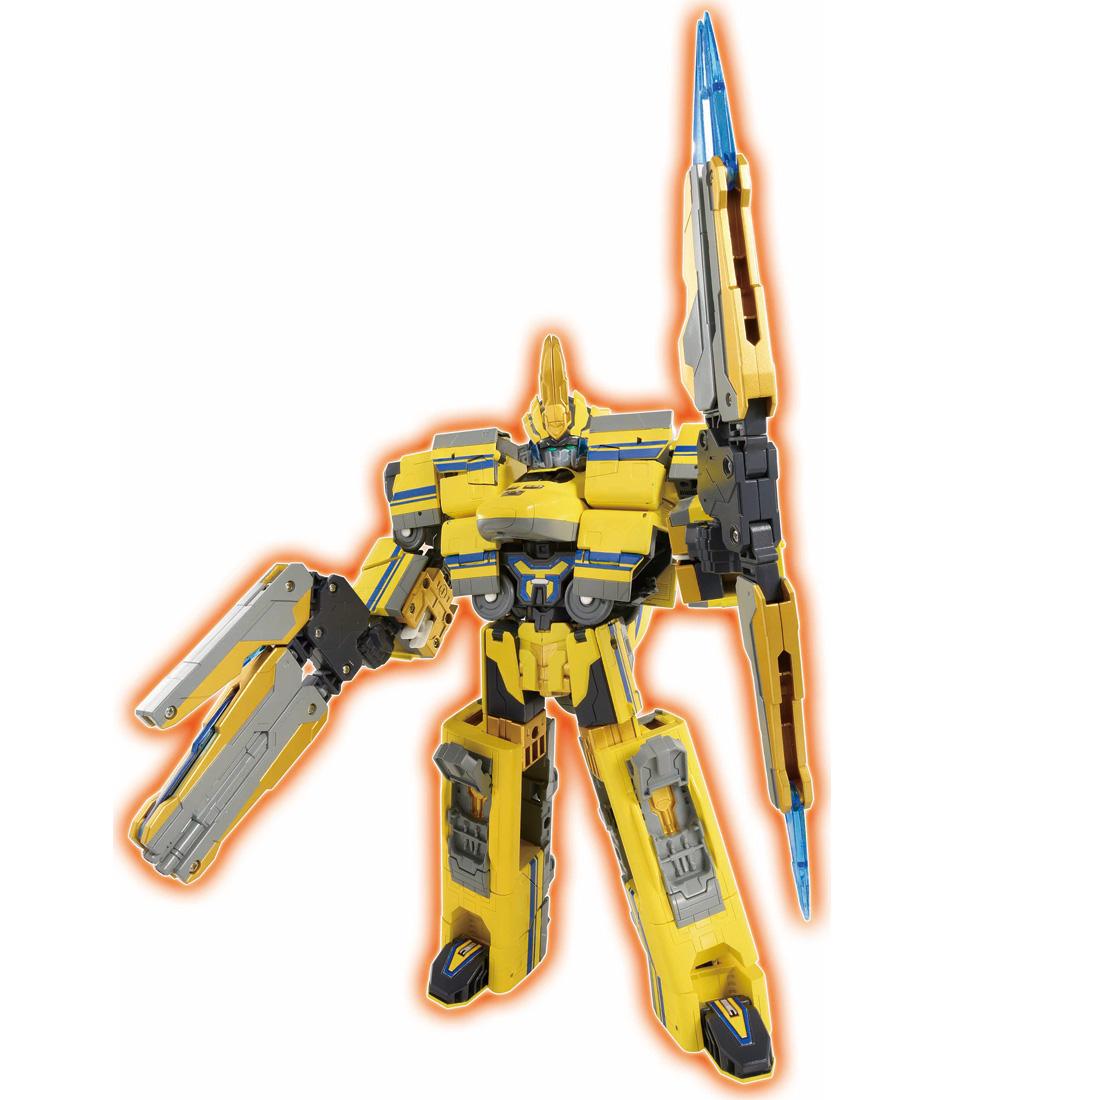 新幹線変形ロボ シンカリオン『DXS11 シンカリオン ドクターイエロー』可変可動プラレール-004